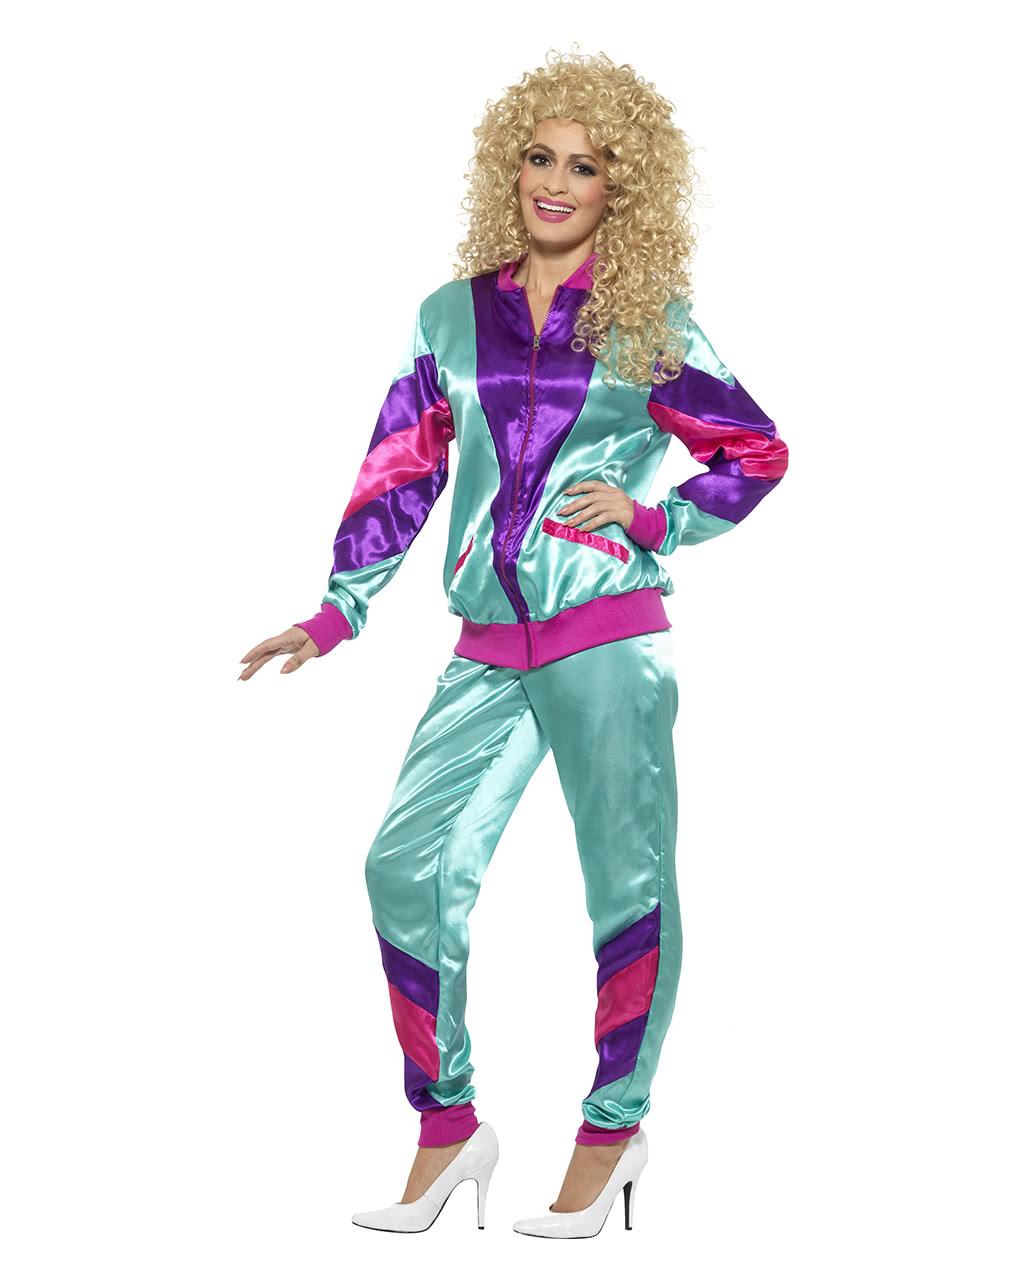 80s Jogging Suit Costume   Bad button   horror-shop.com